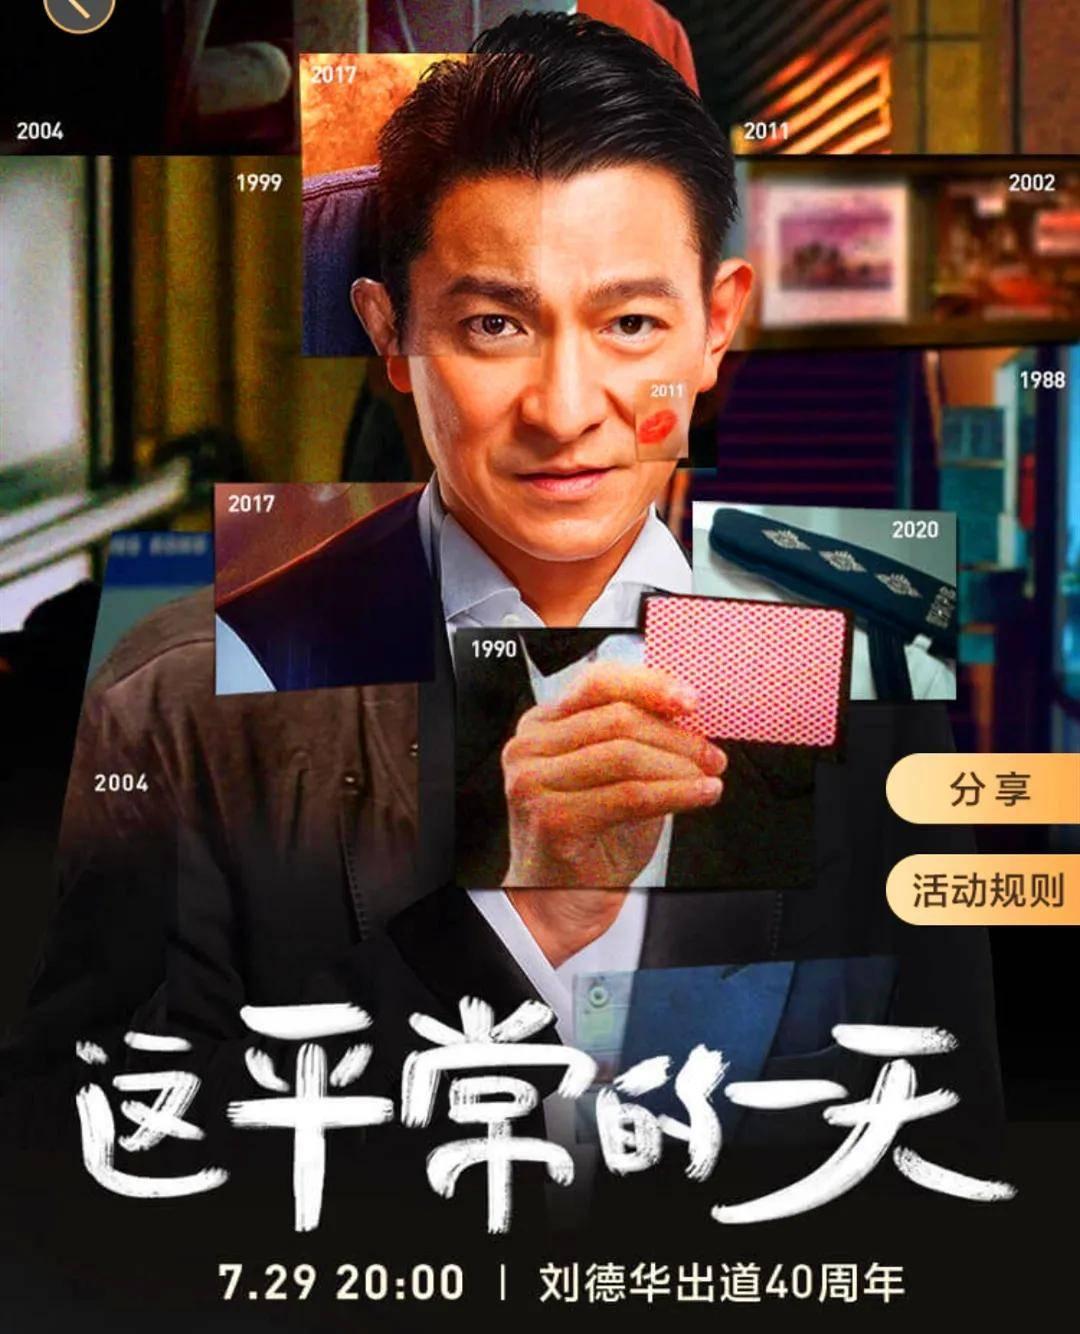 香港四大天王诞生史,是奇迹更是传奇,刘德华为何能成为顶流?